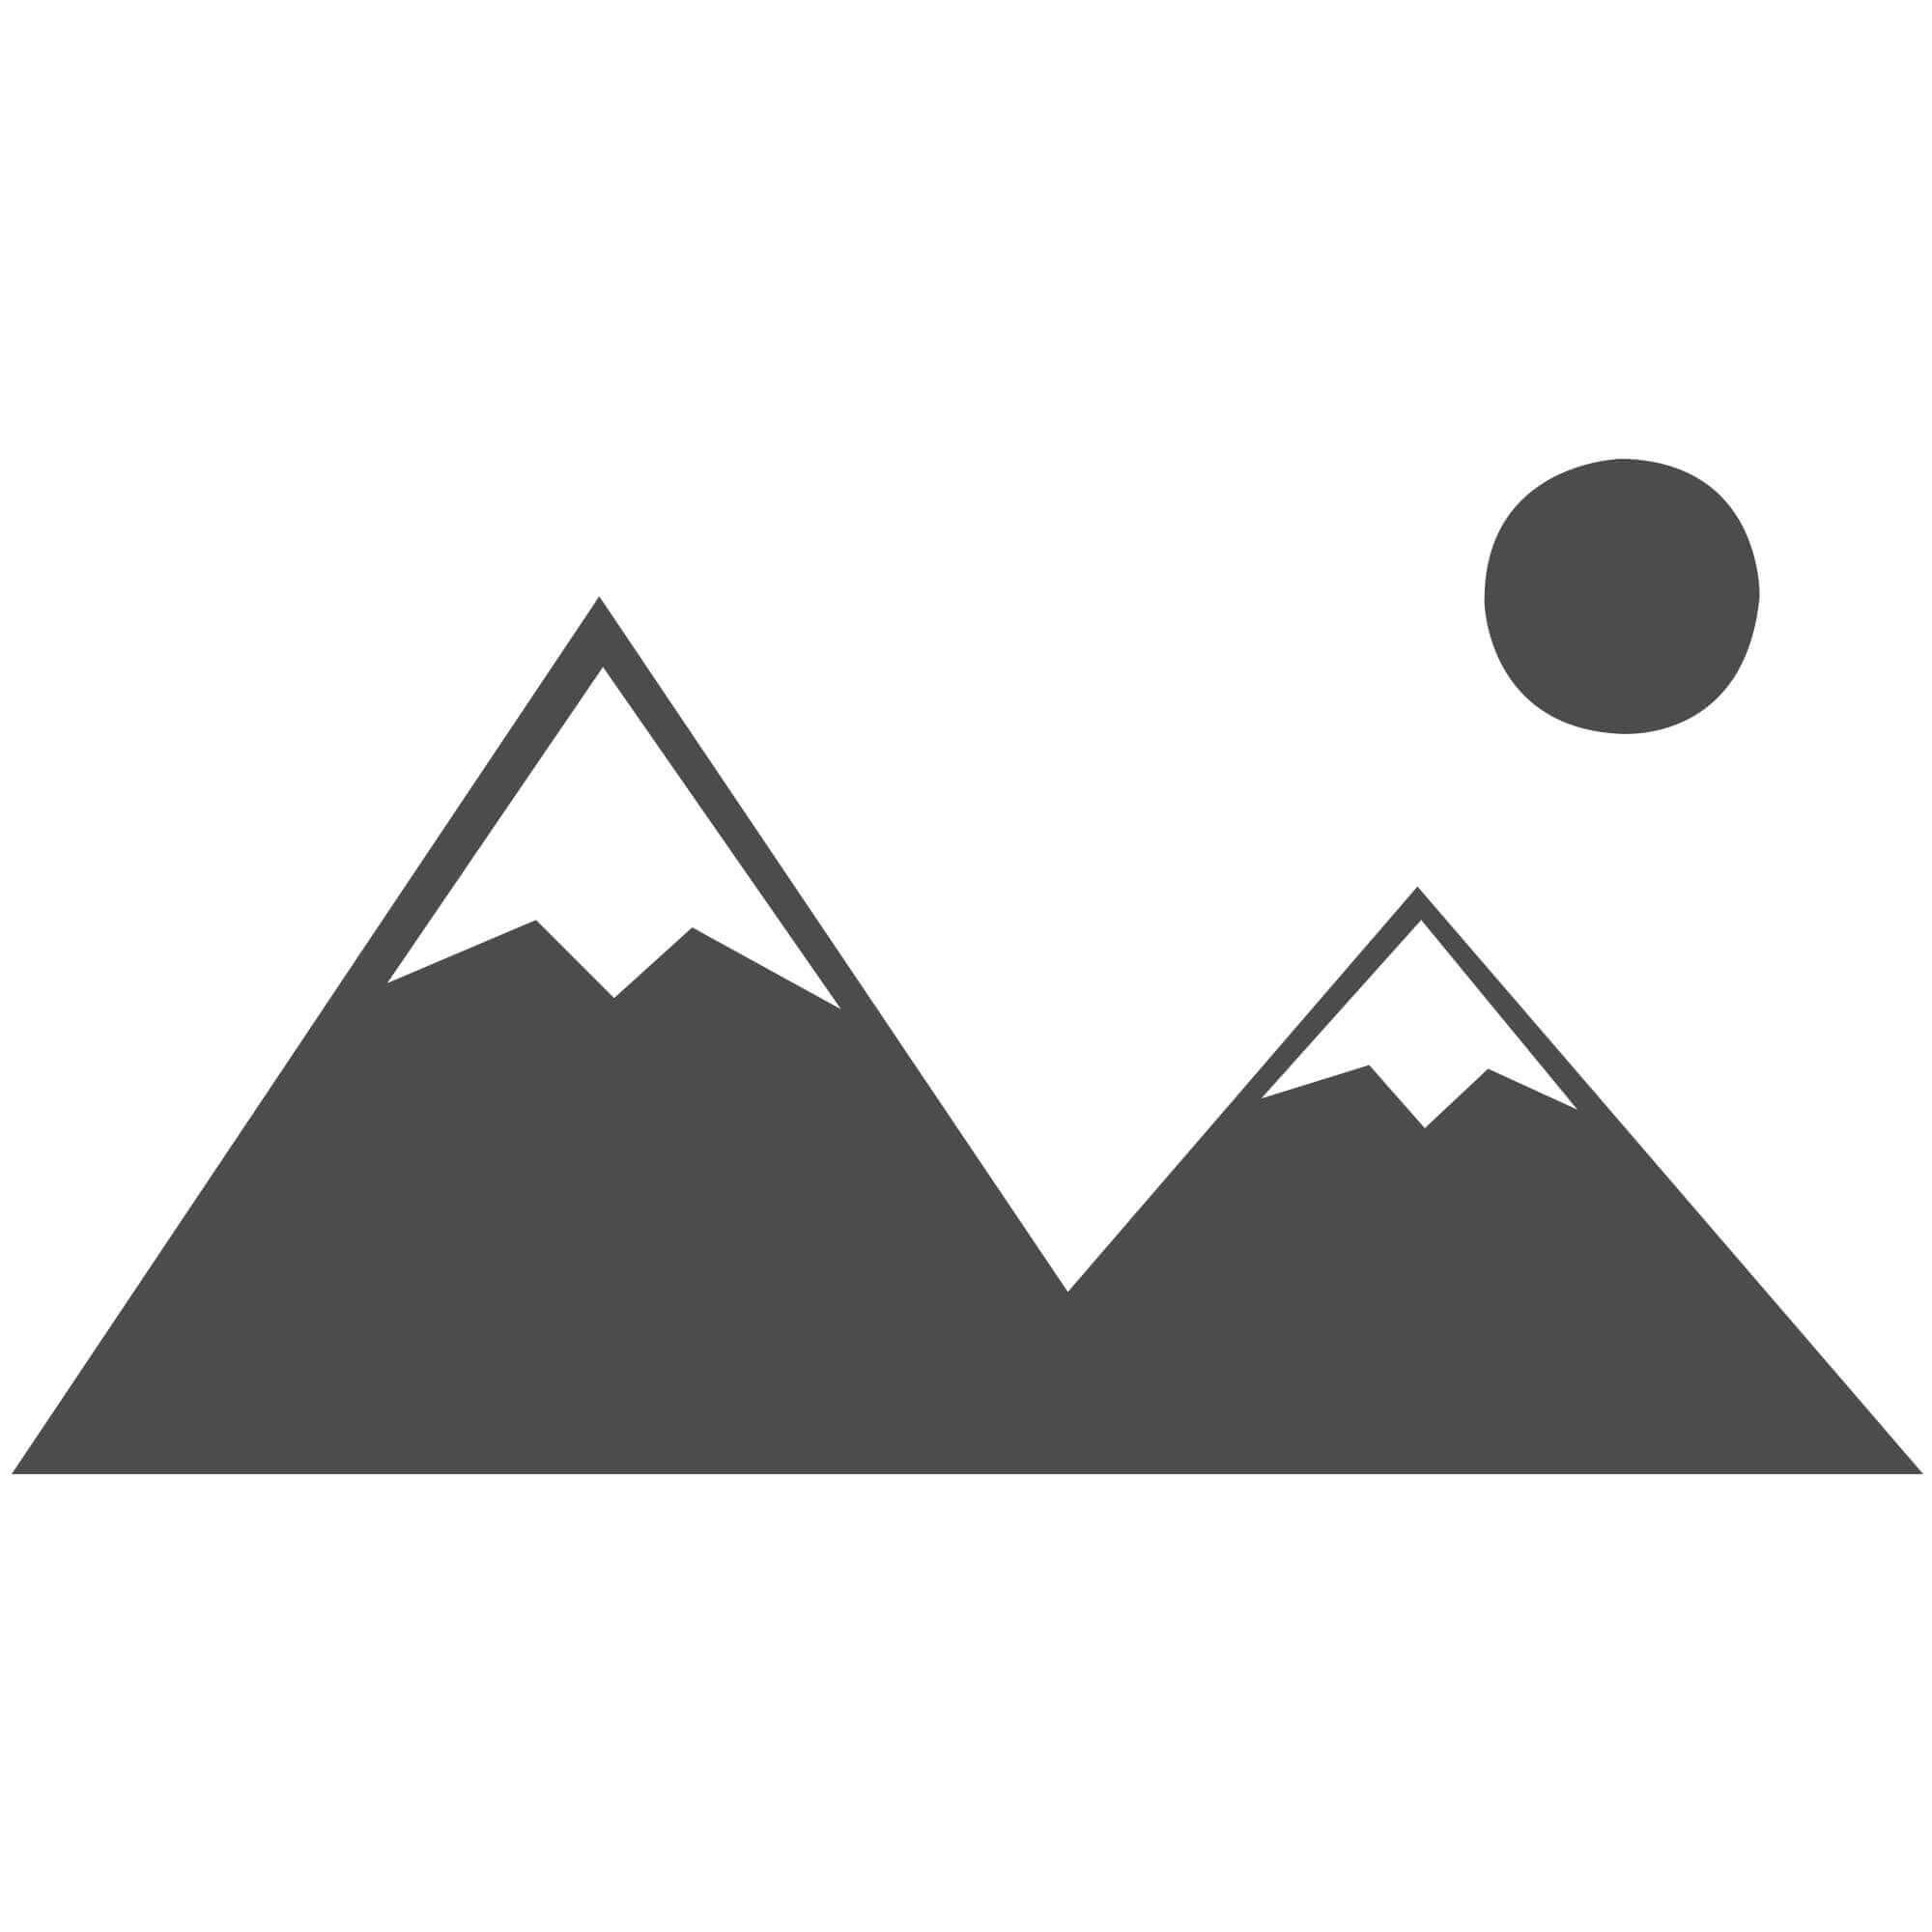 Whisper Shaggy Rug - Tungsten Grey - Size 120 x 180 cm (4' x 6')